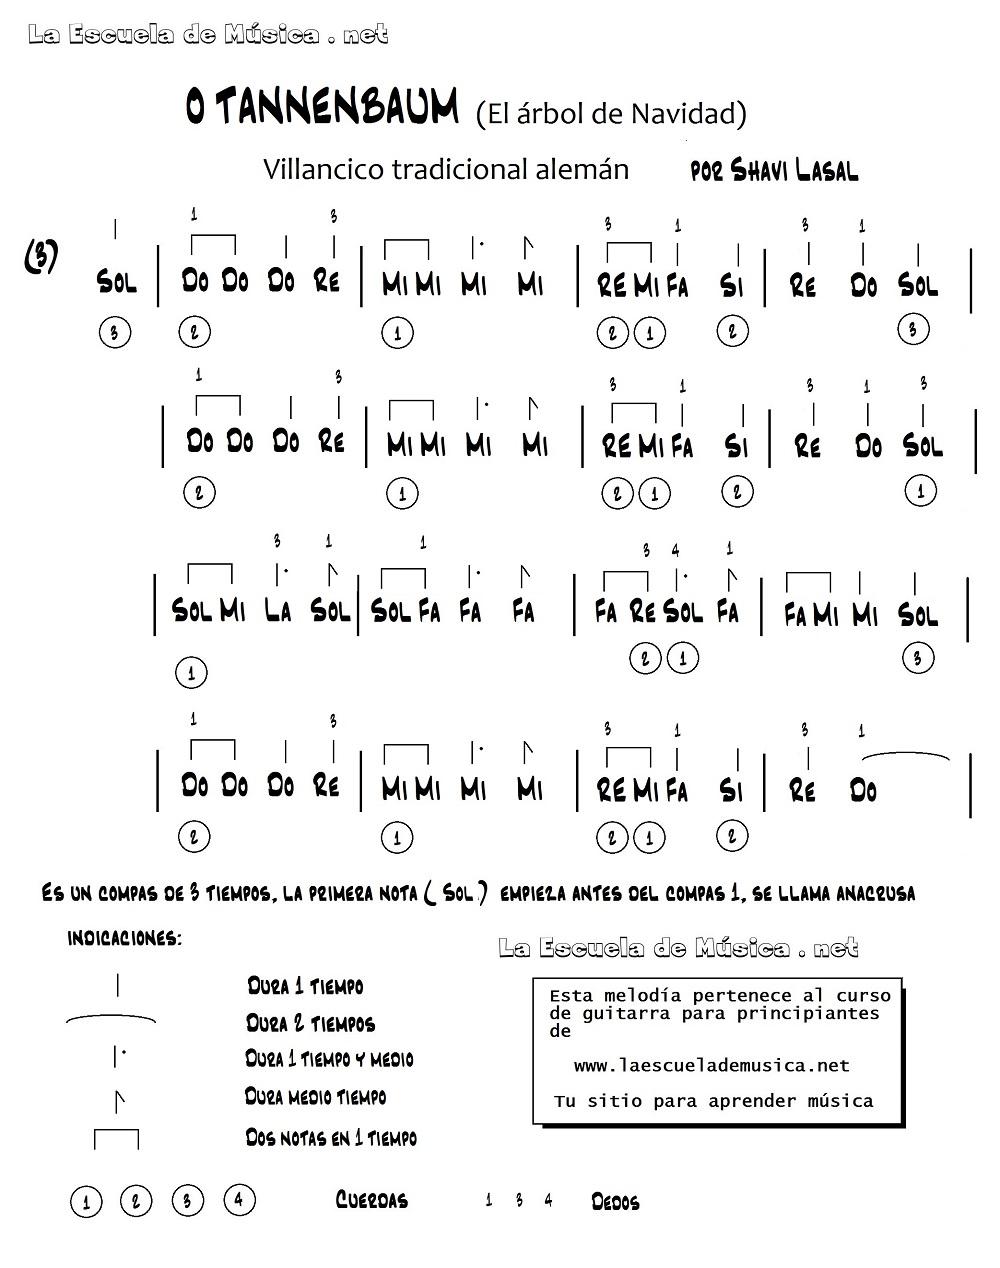 Blanca Navidad para guitarra fácil - Partitura de O Tannenbaum